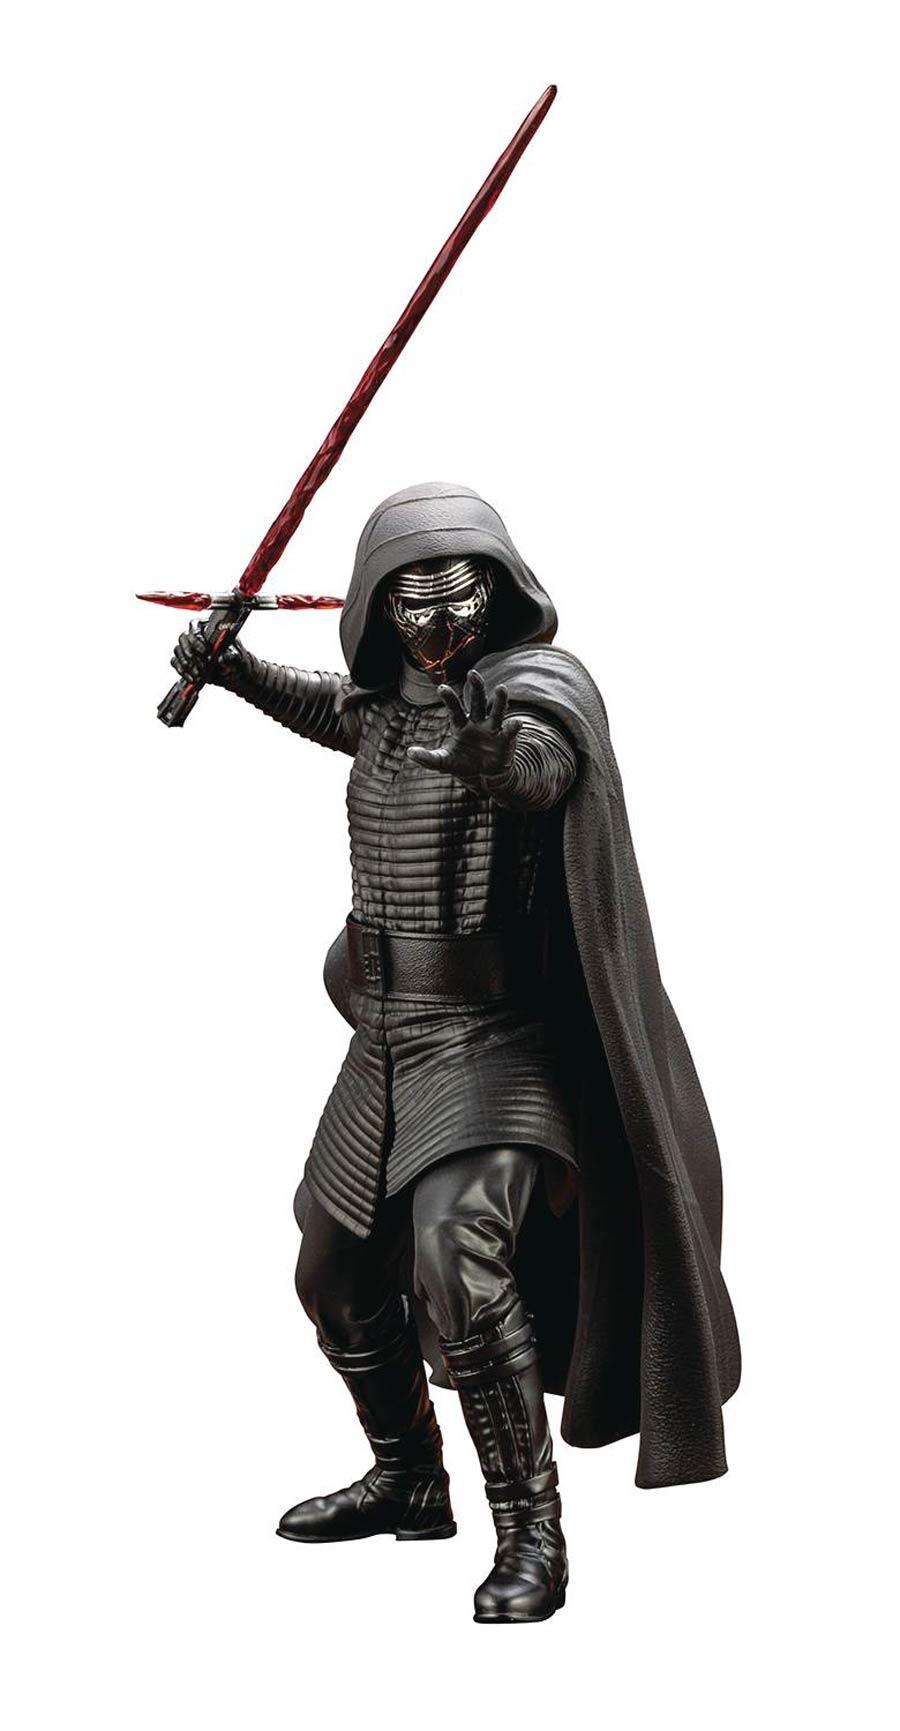 Star Wars Kylo Ren ARTFX Plus Statue